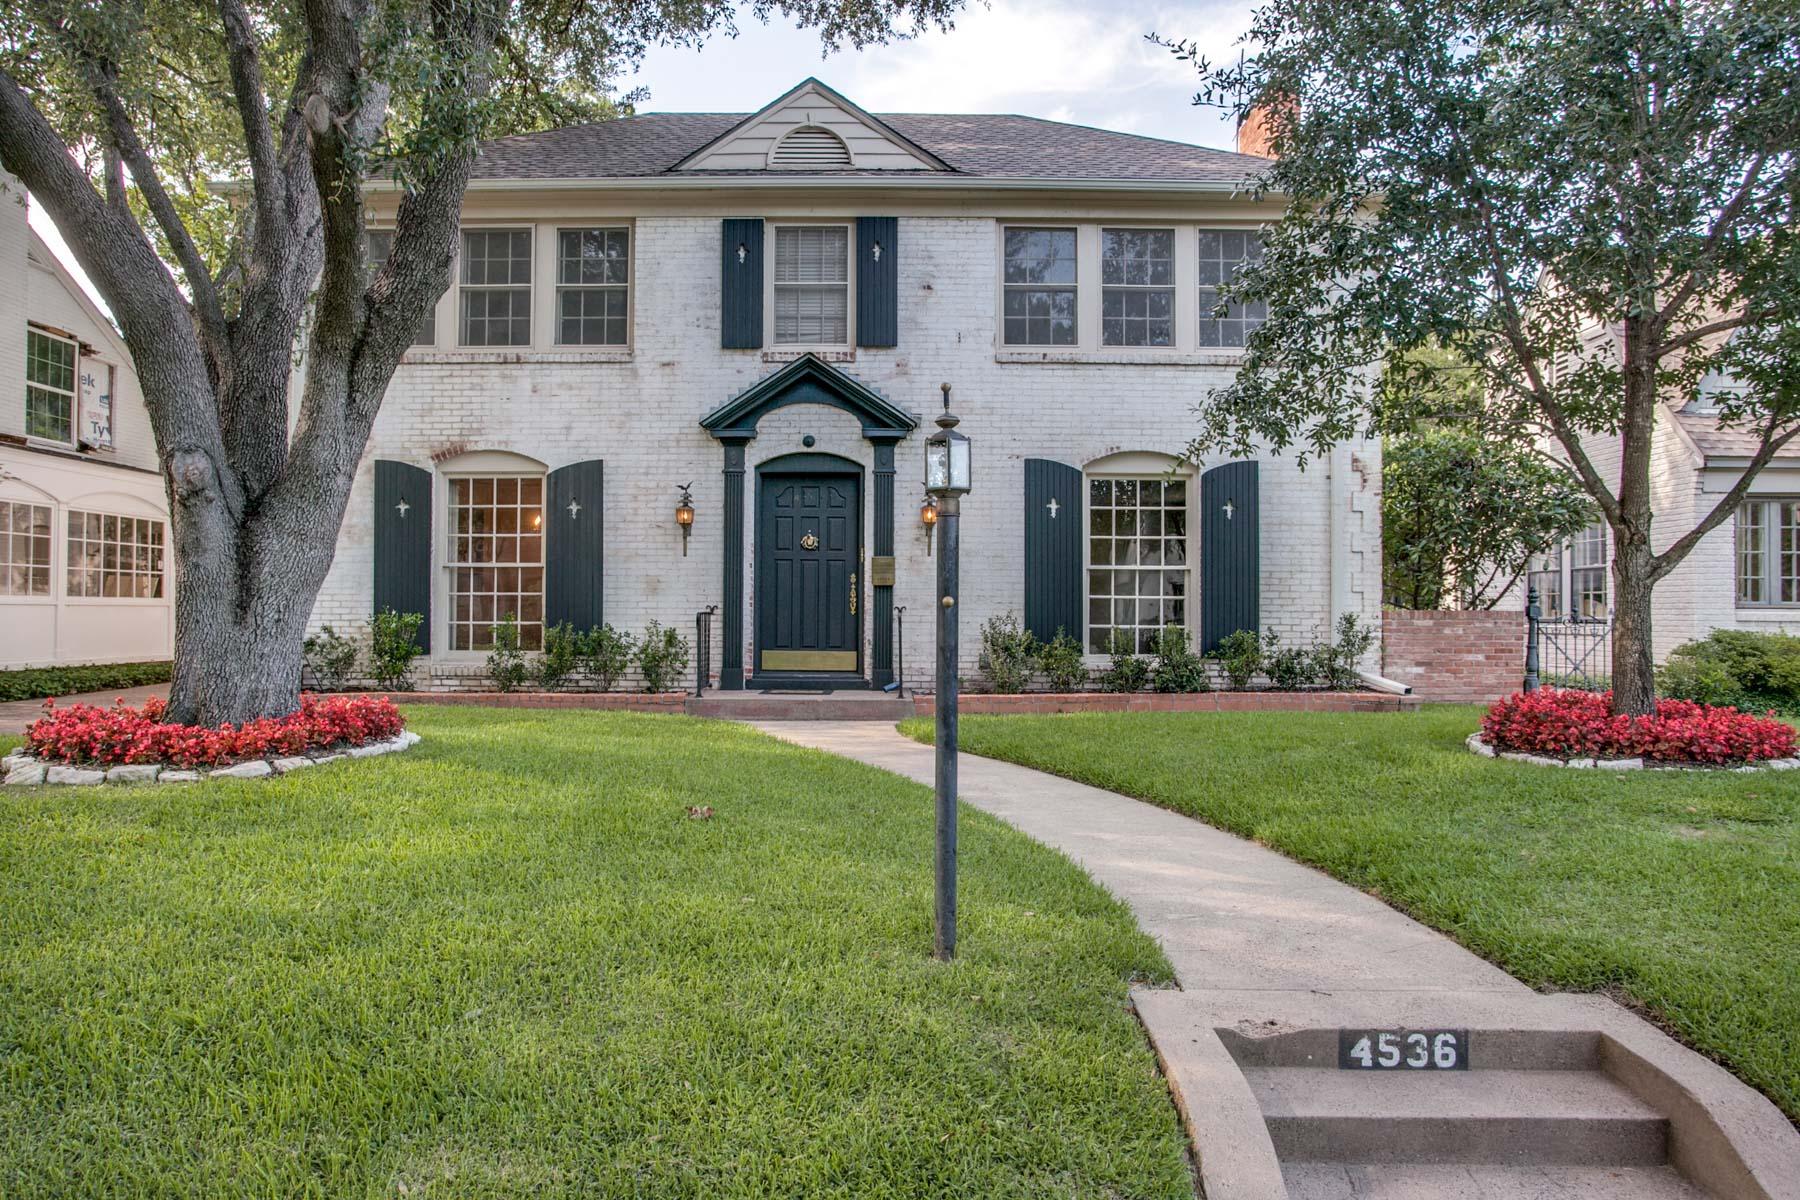 一戸建て のために 売買 アット Traditional Home with Nice Drive Up 4536 N Versailles Ave Highland Park, テキサス, 75205 アメリカ合衆国